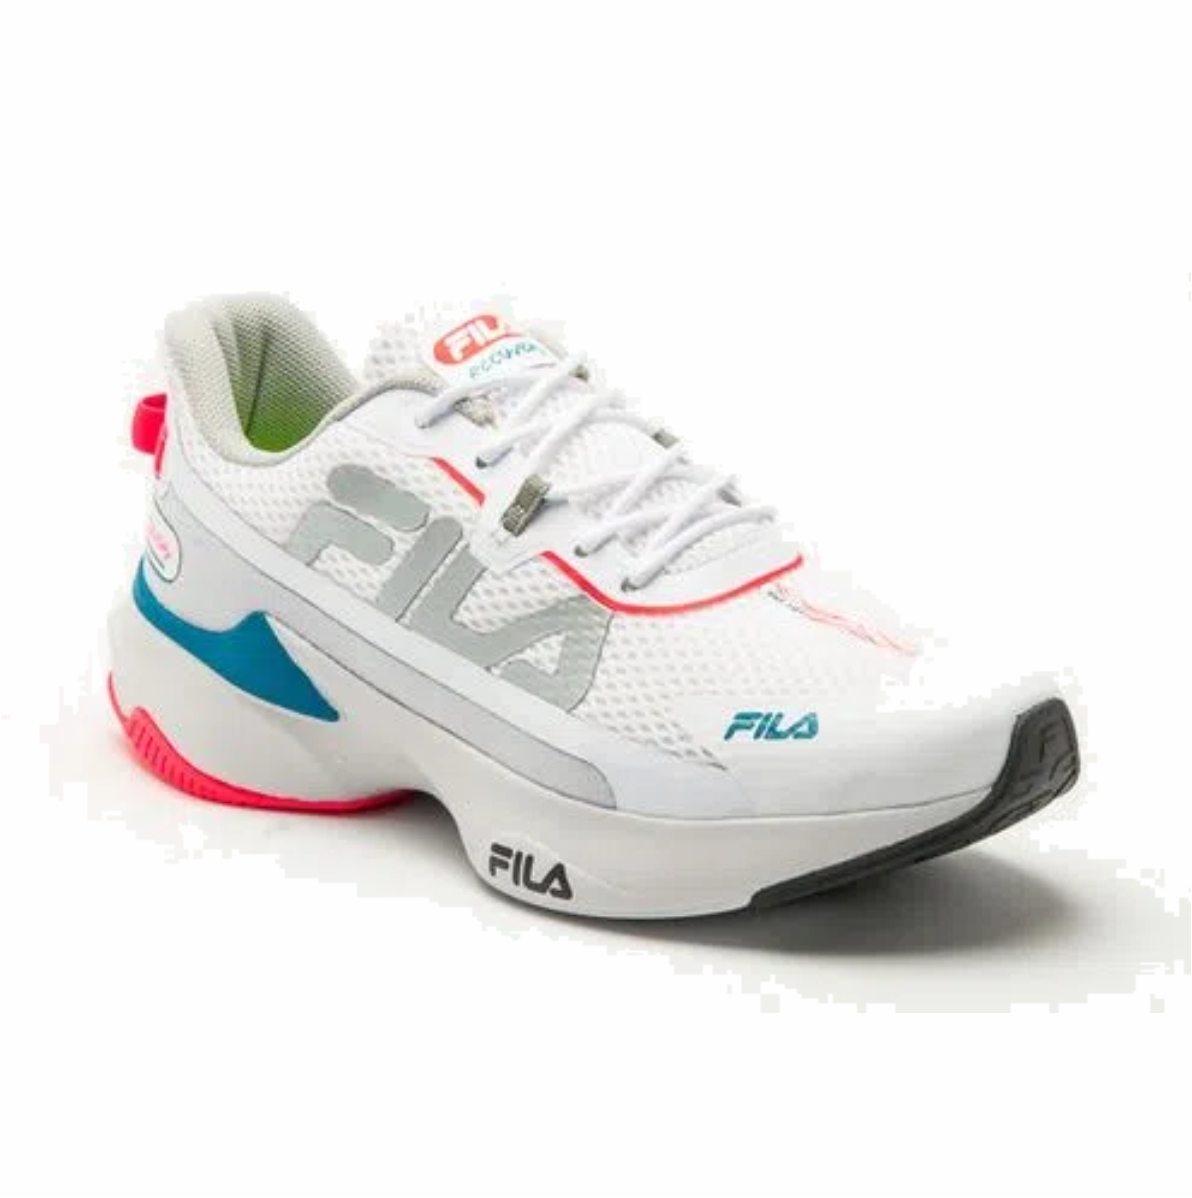 Tenis Fila Recovery Feminino Running Trainning Corrida